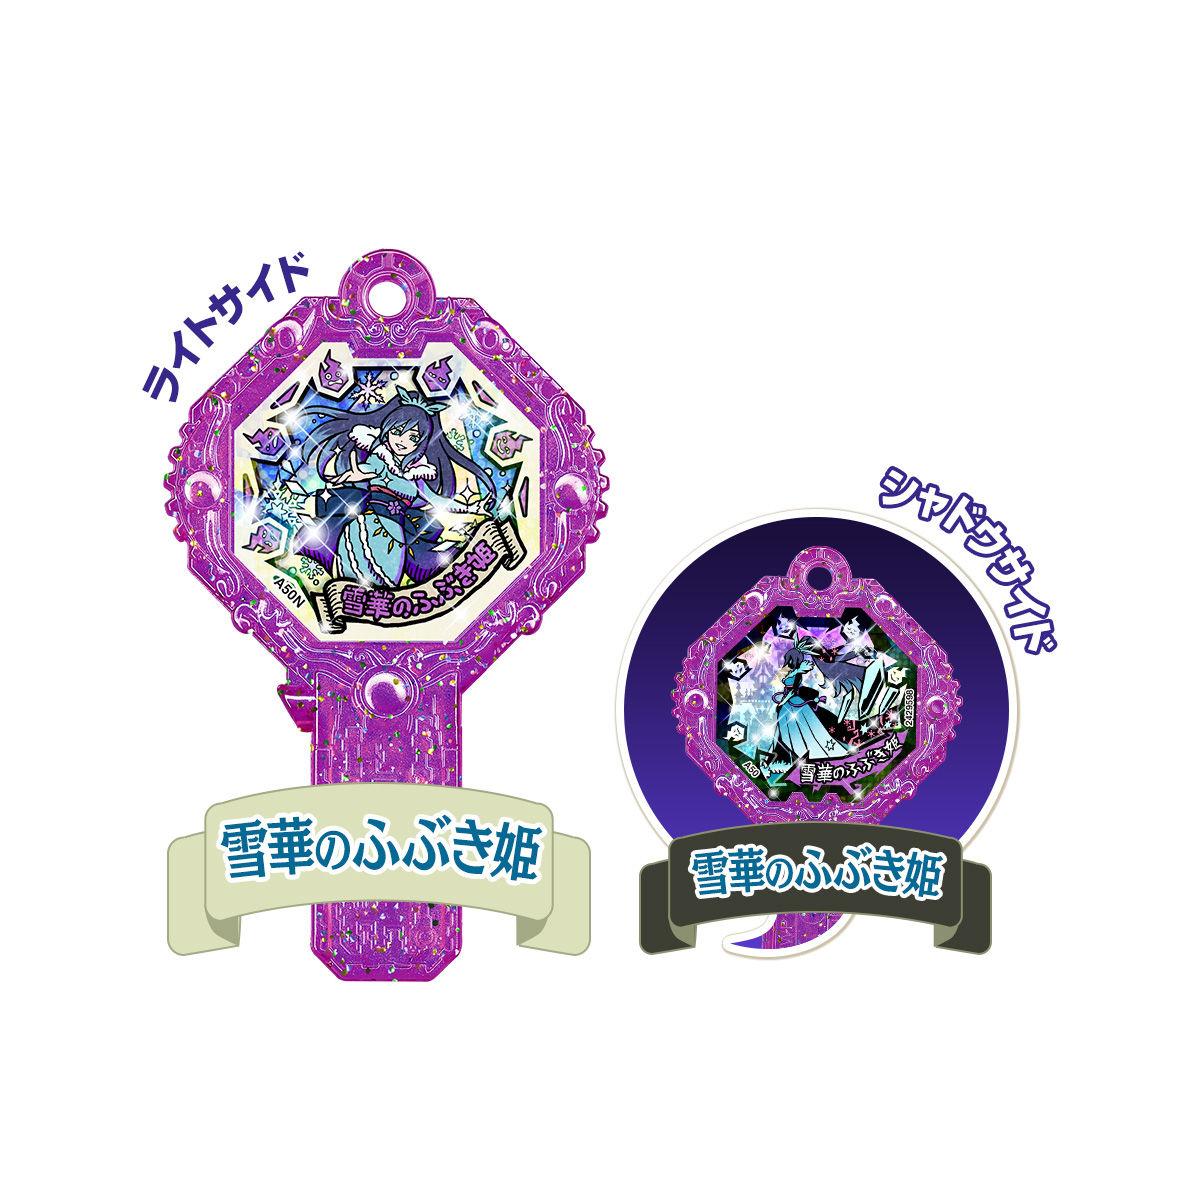 妖聖剣シリーズ04 DXアシュラ豪炎丸 妖聖剣&妖怪アークセット